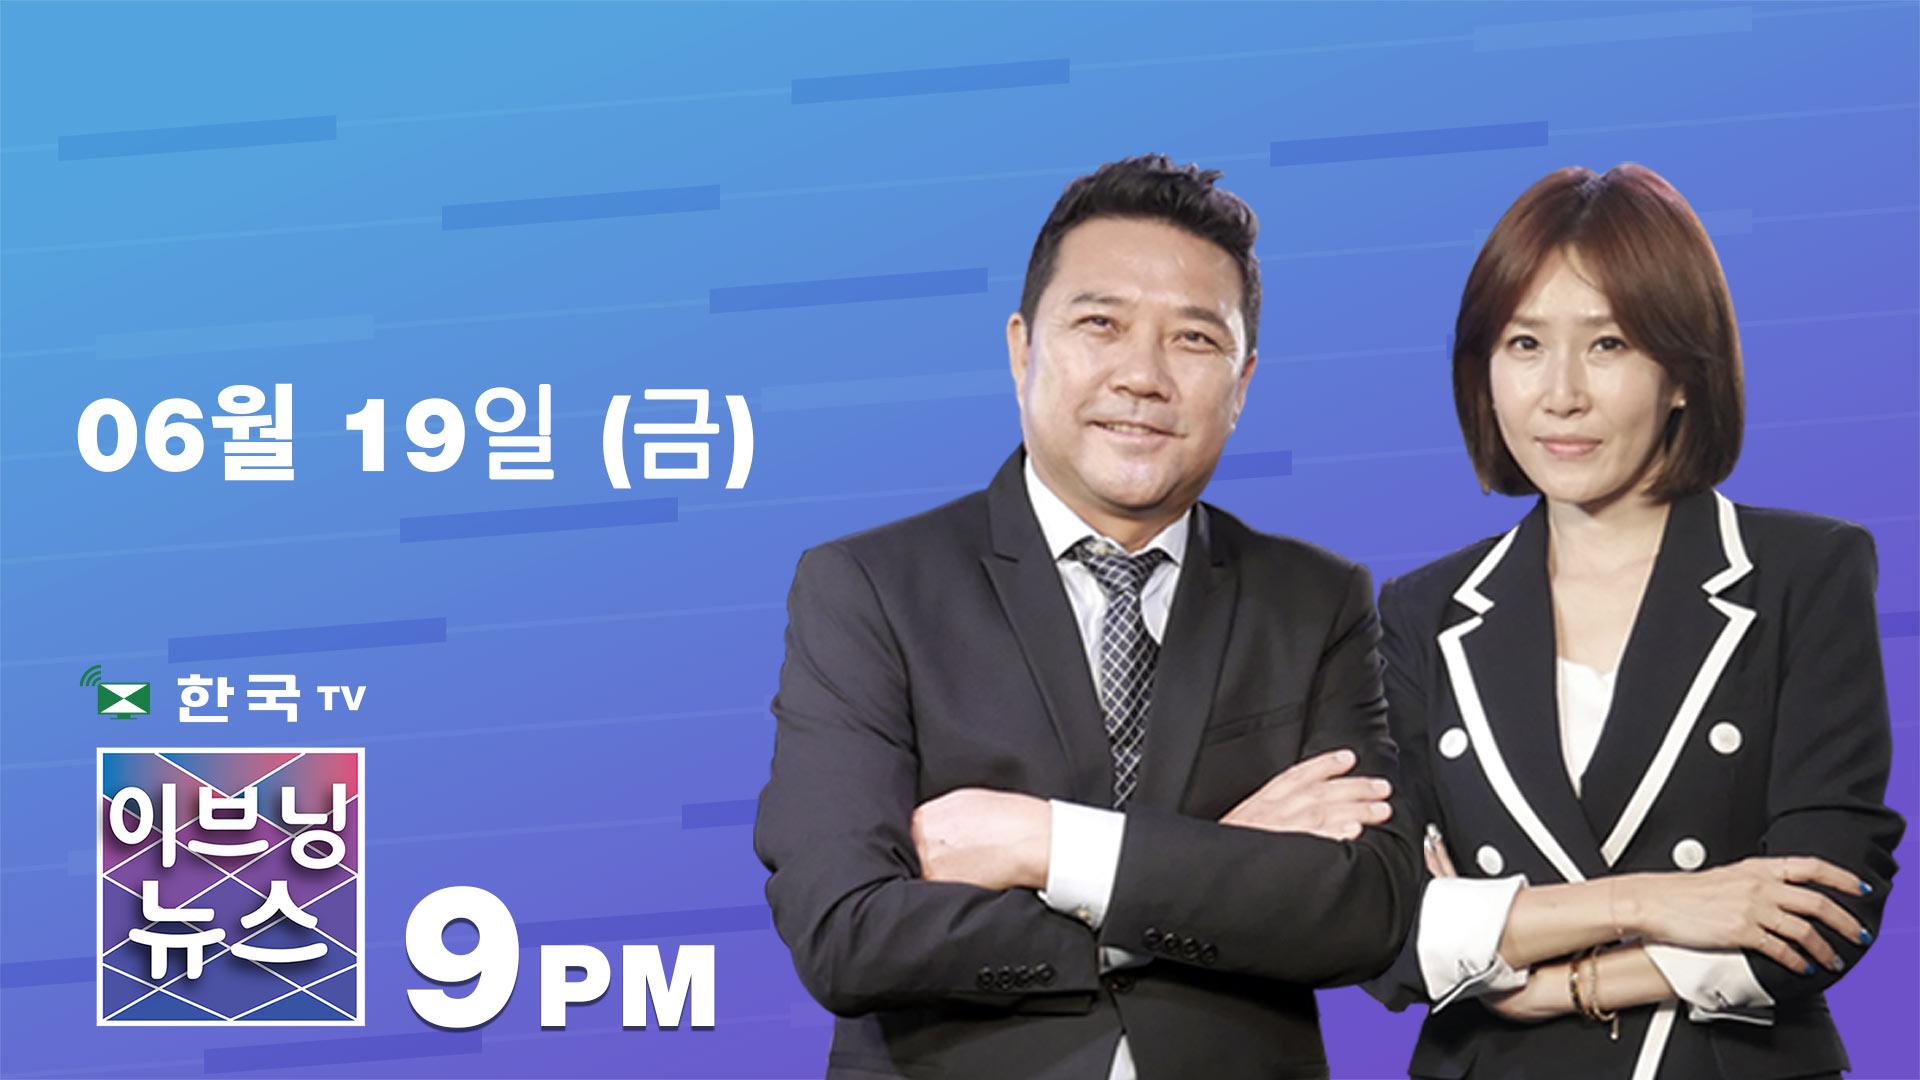 (06.19.2020) 한국TV 이브닝 뉴스